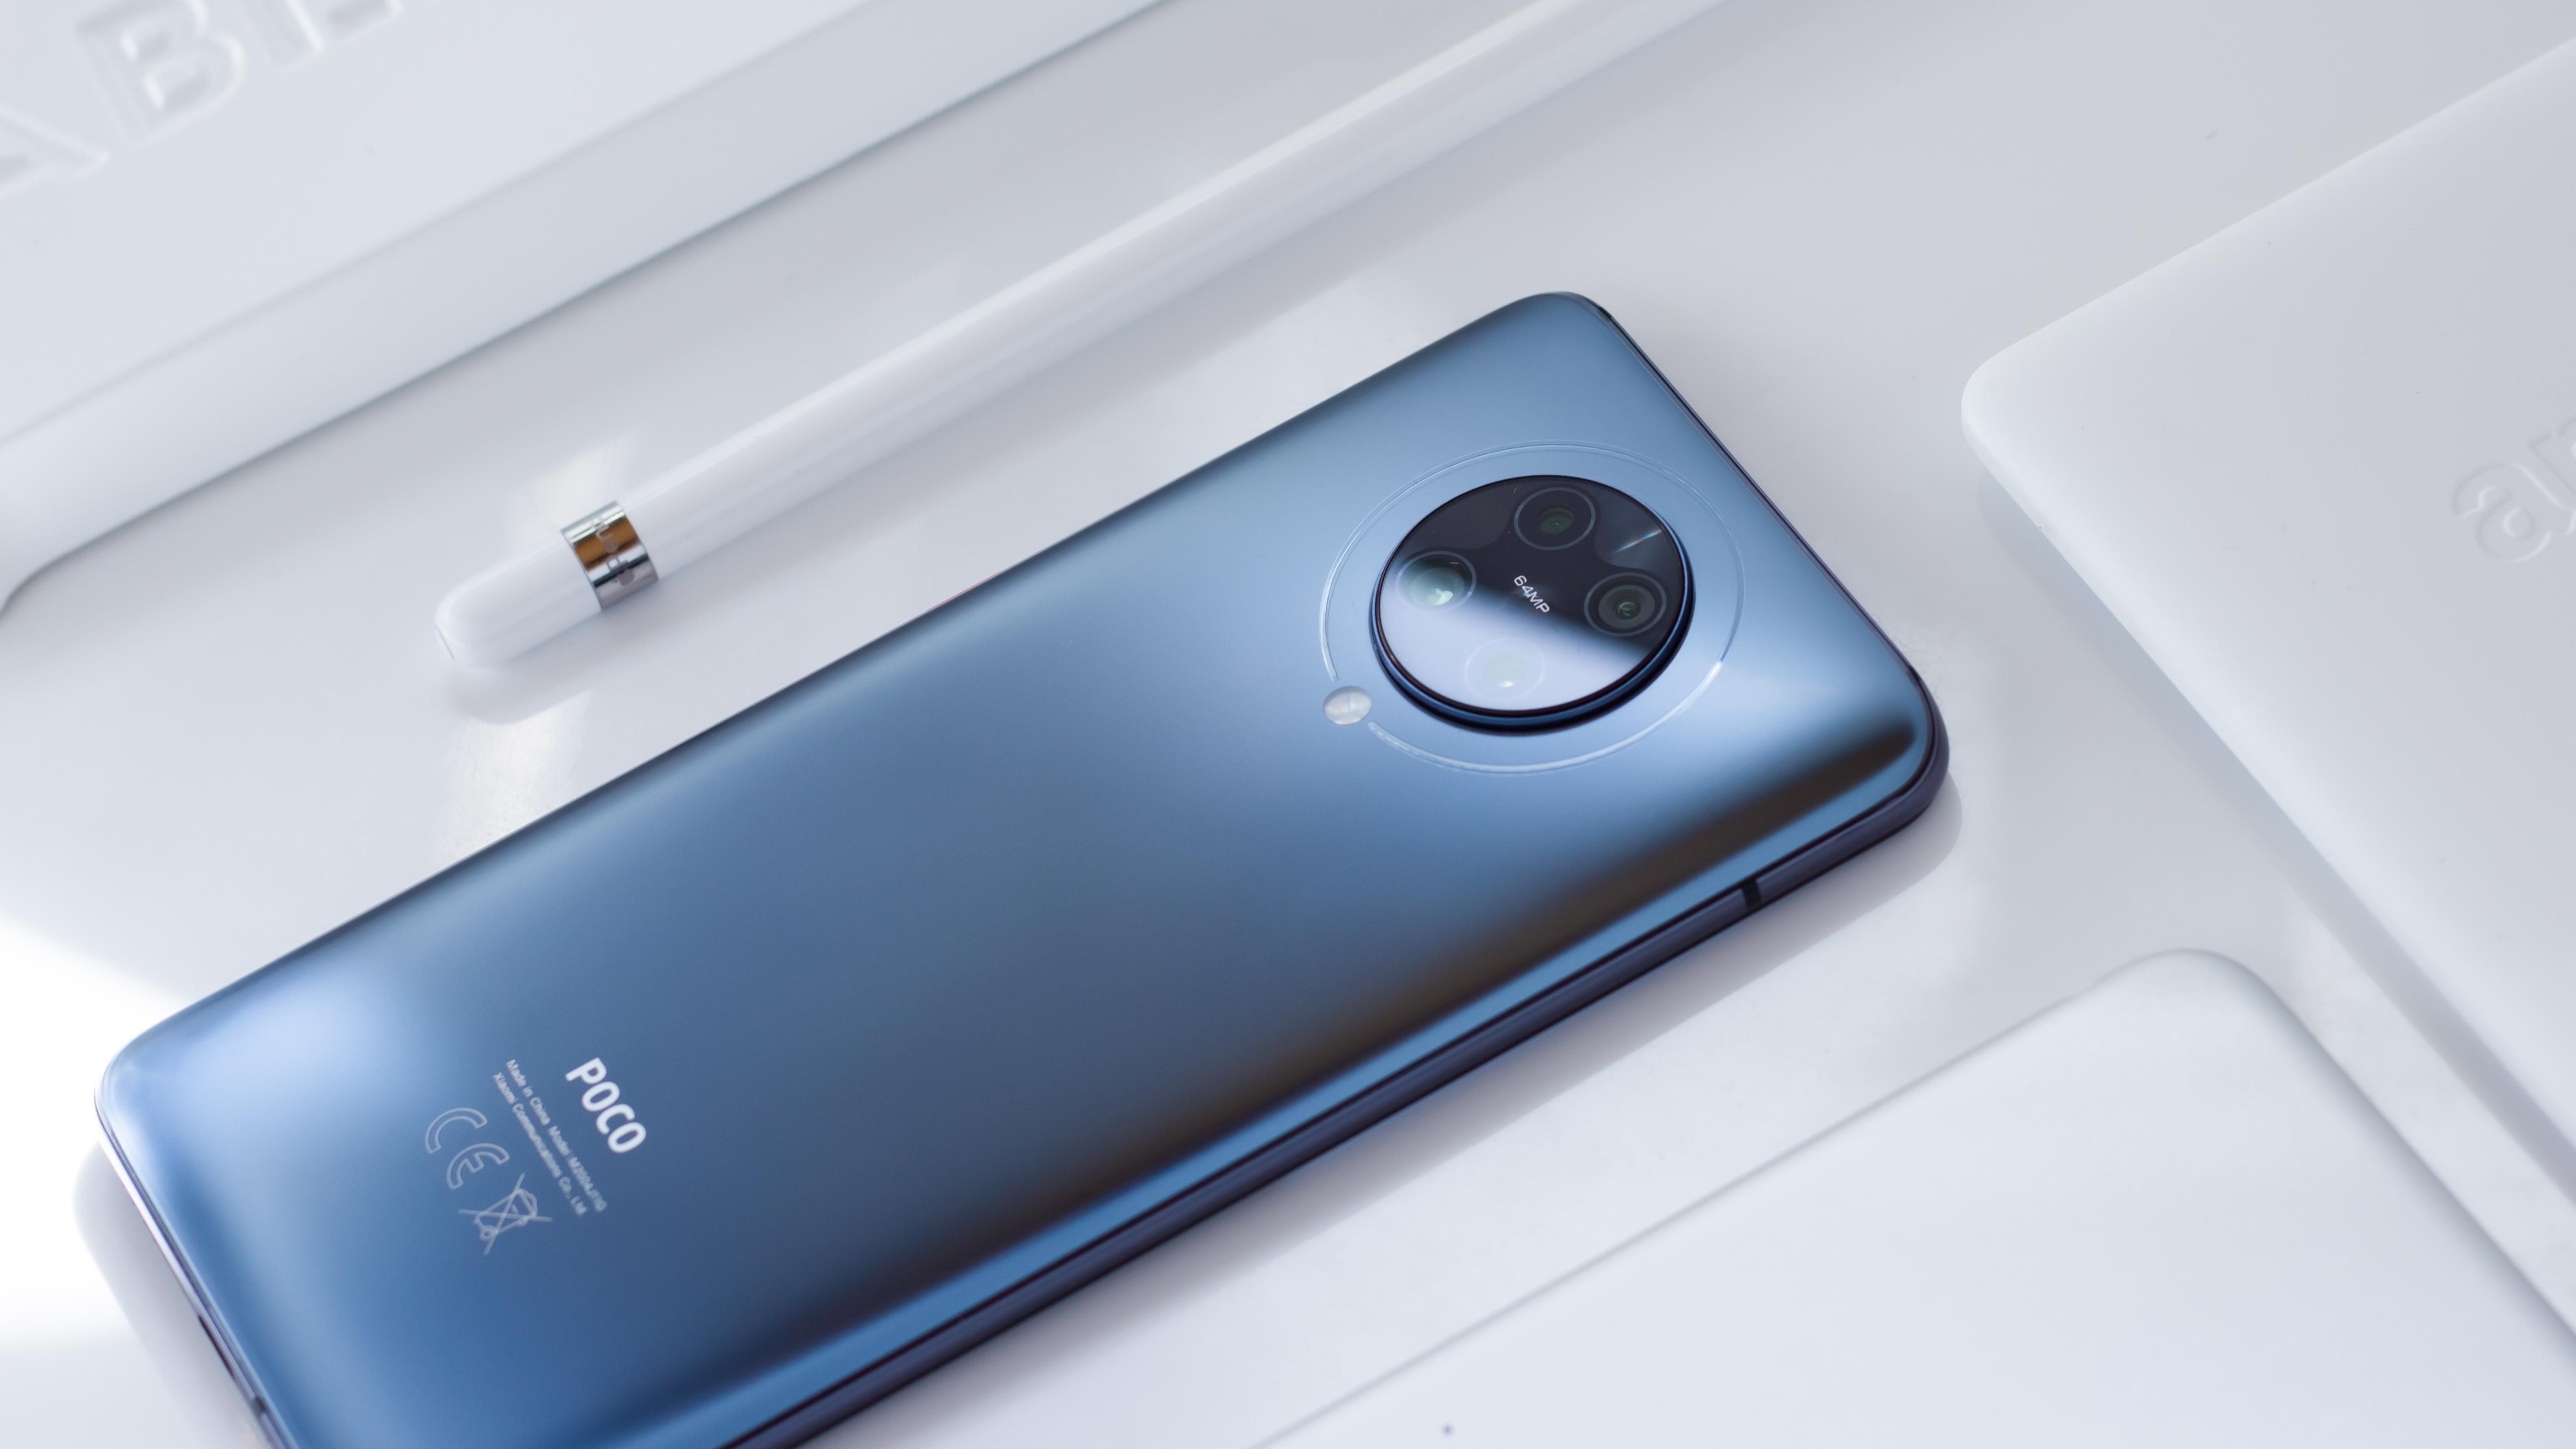 Takie smartfony lubię! Recenzja Poco F2 Pro 18 Poco F2 Pro